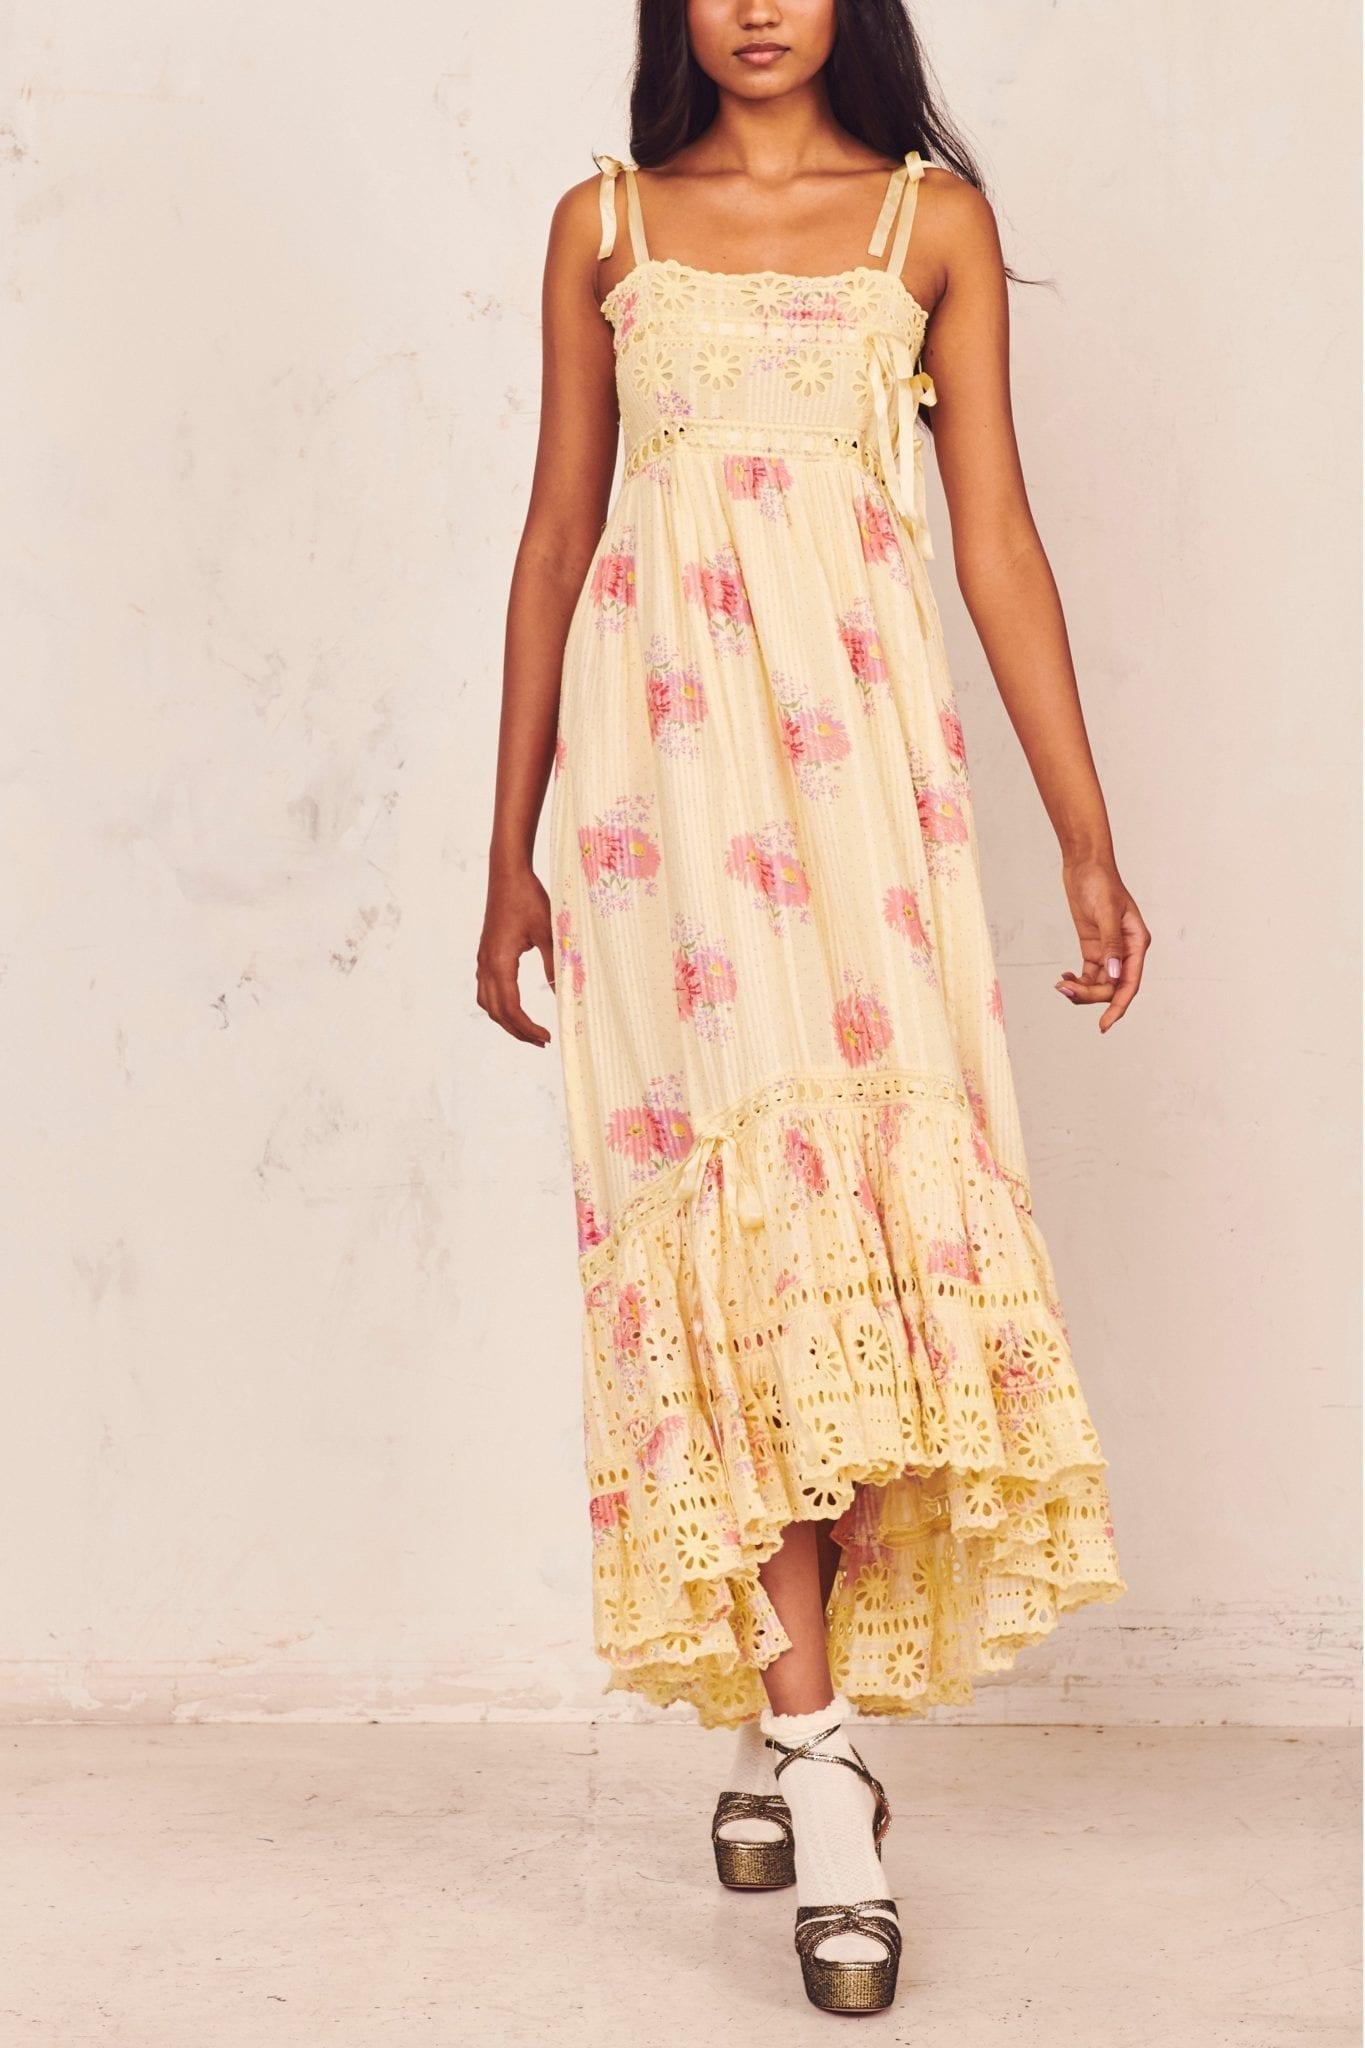 LOVESHACK FANCY Vivi Dress